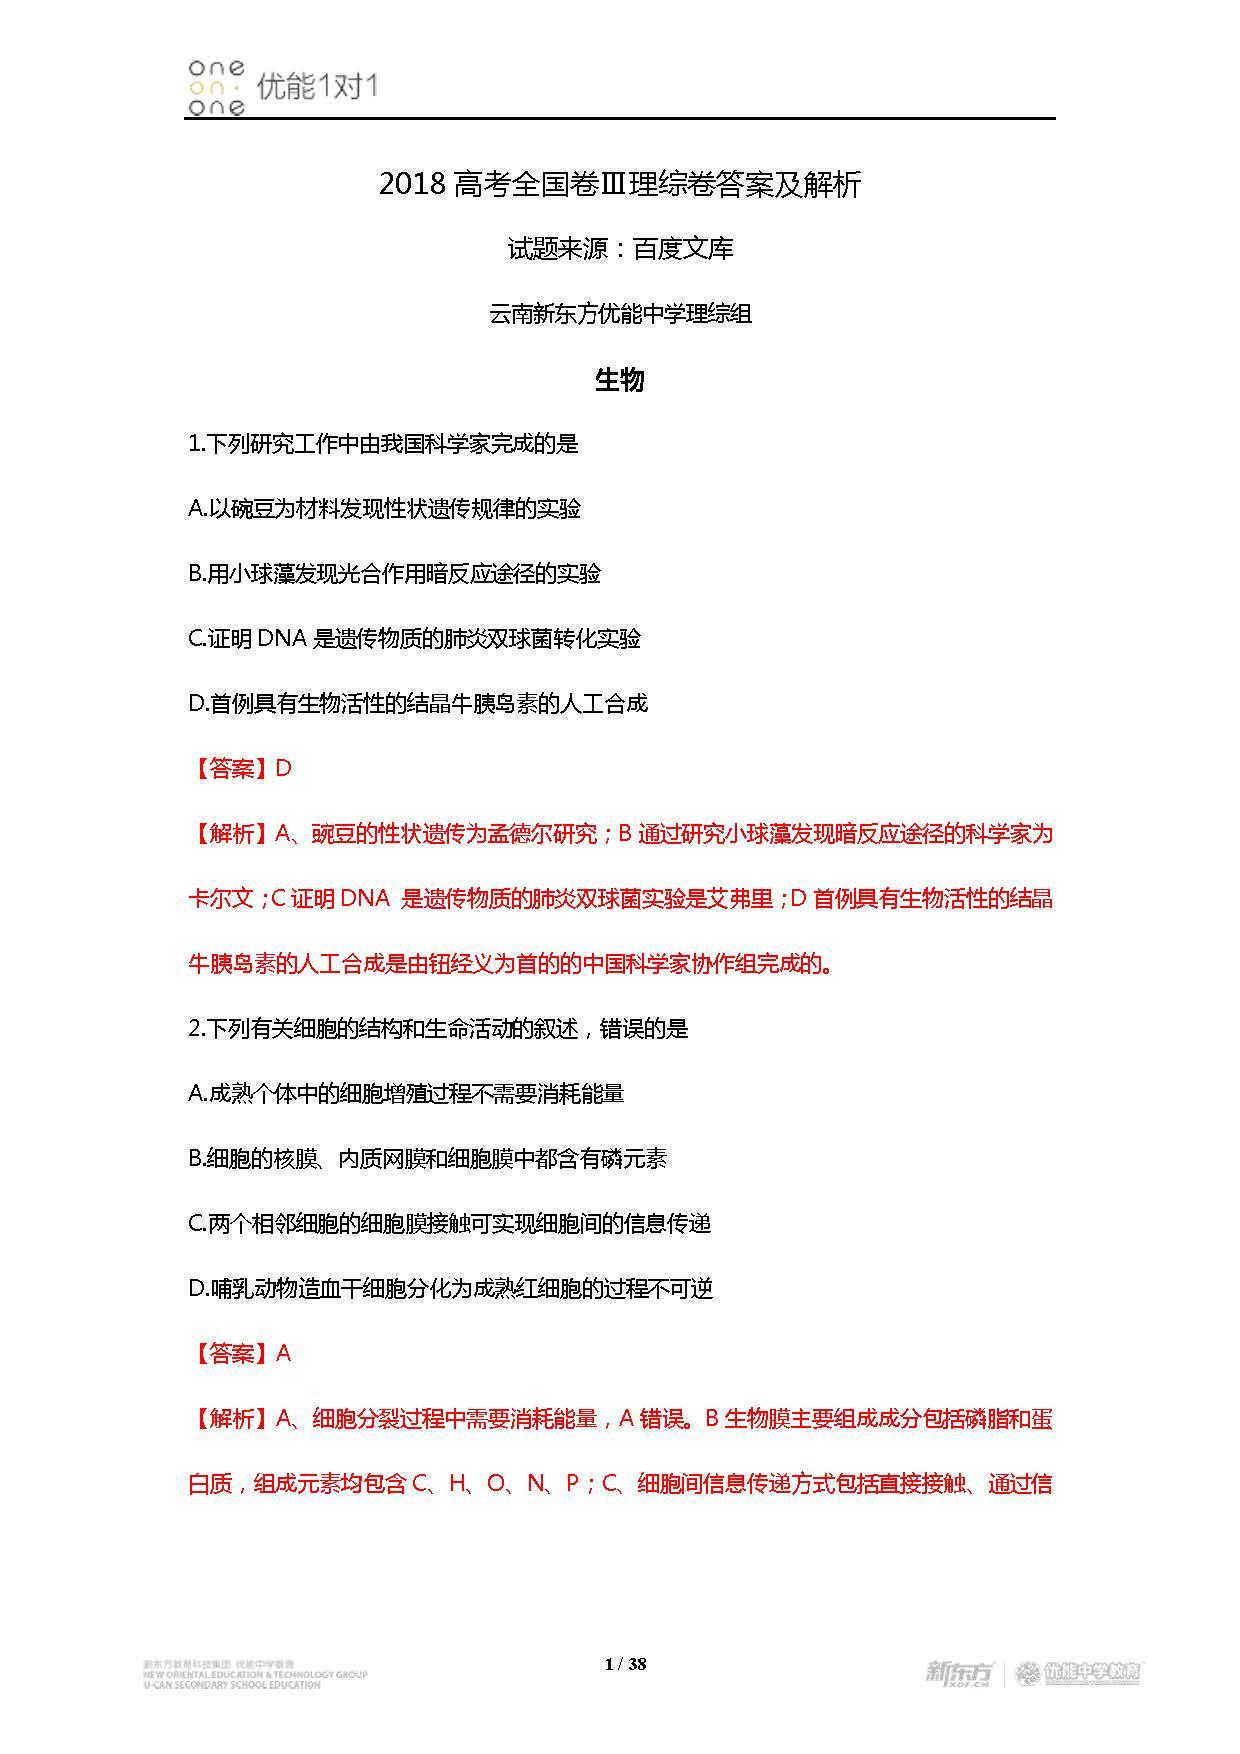 2018全国卷3高考理综试题及答案解析(云南新东方下载版)